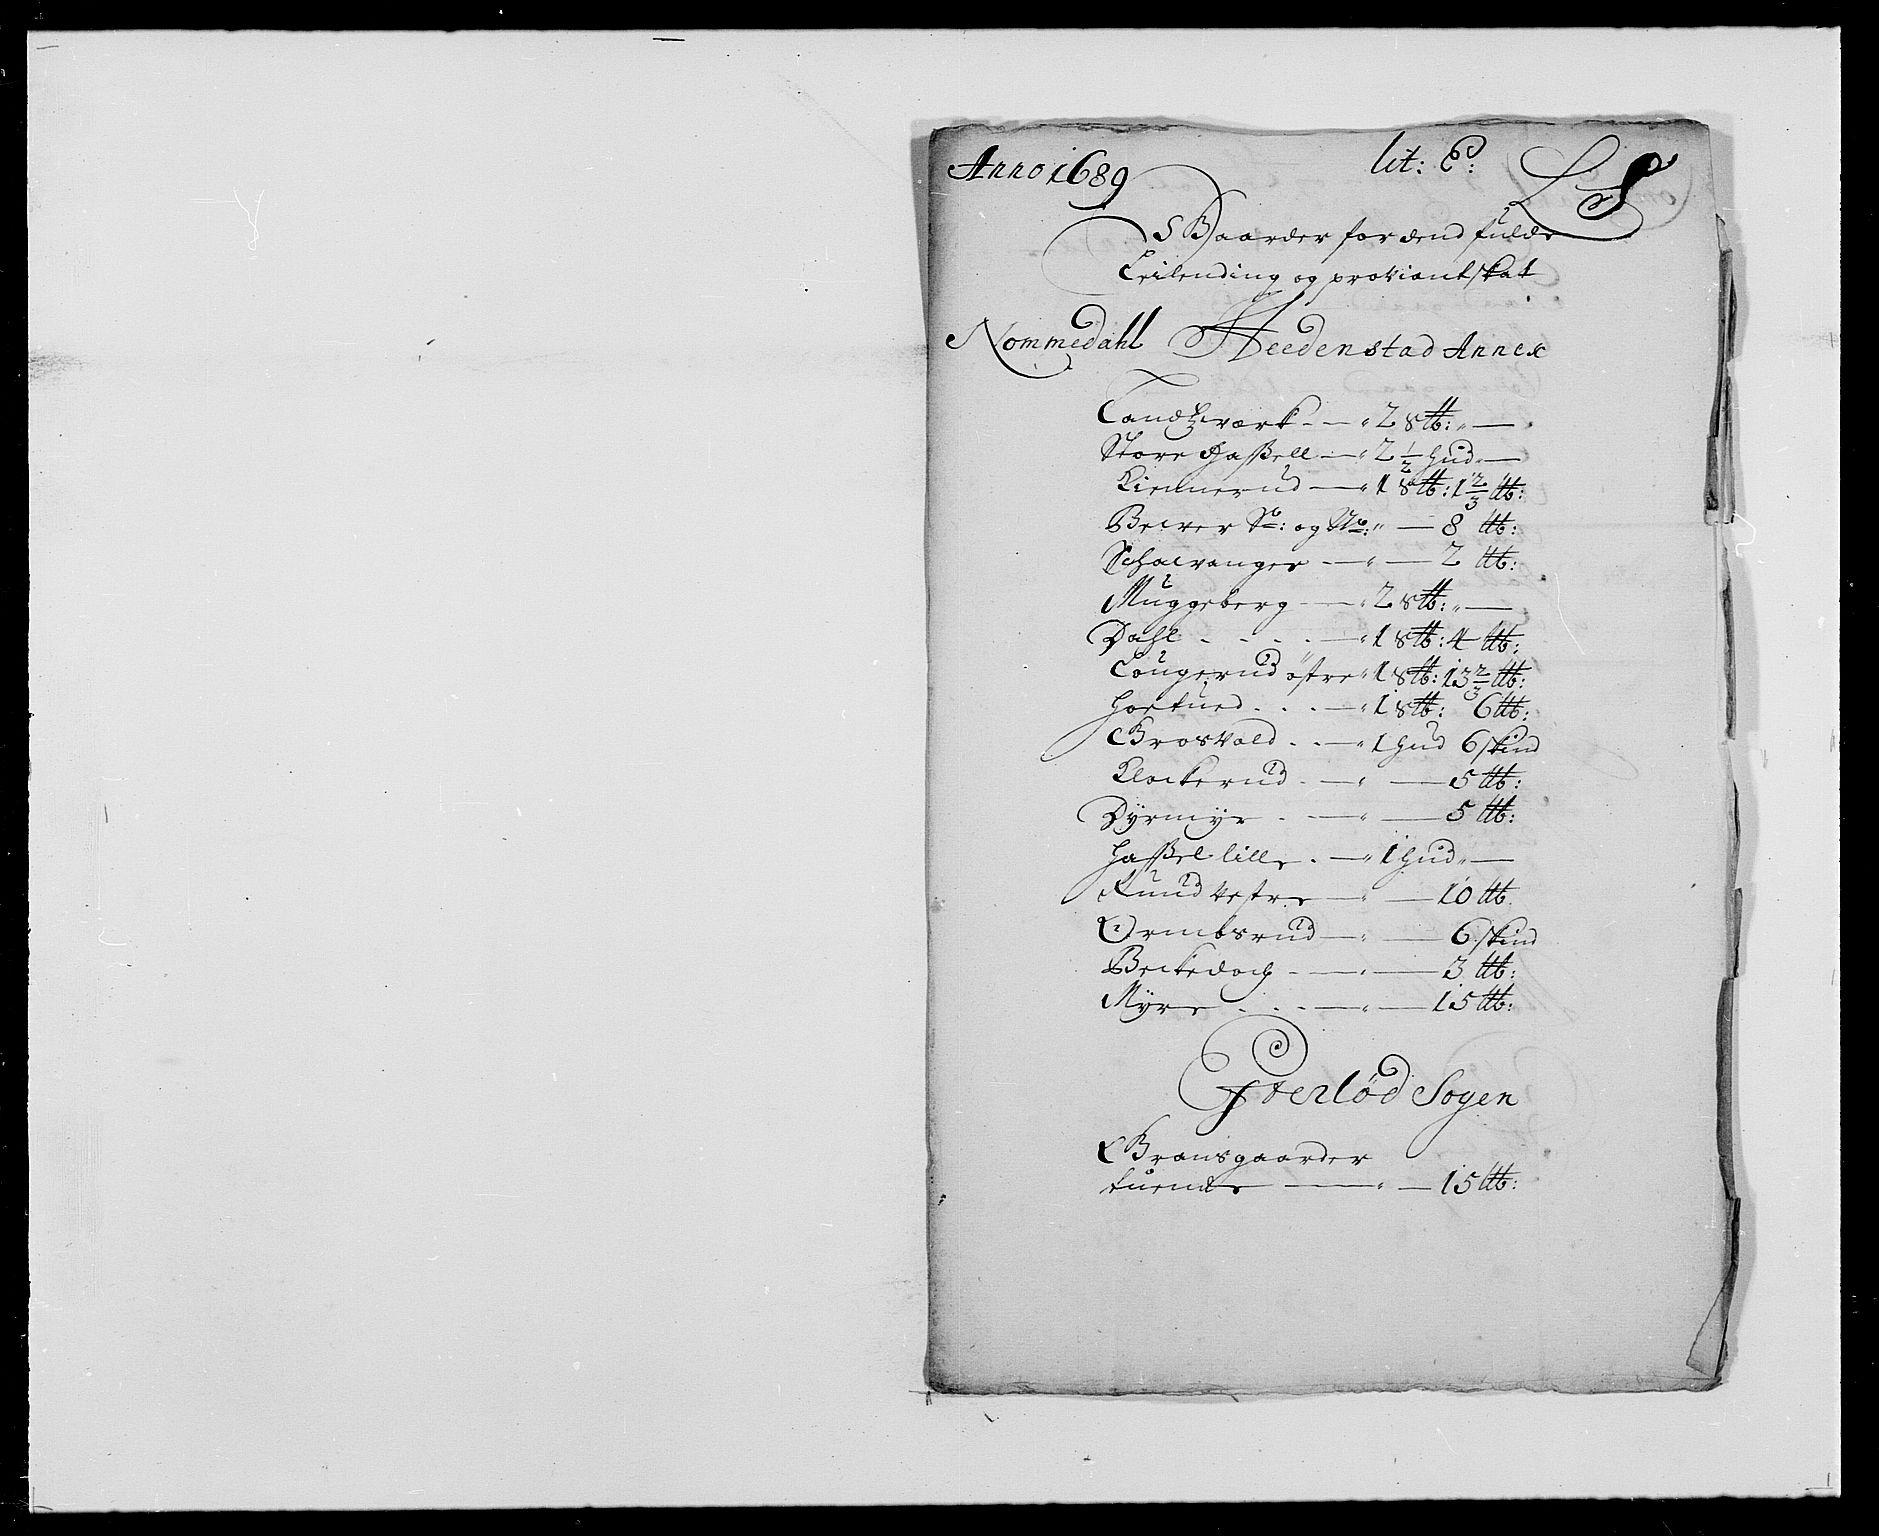 RA, Rentekammeret inntil 1814, Reviderte regnskaper, Fogderegnskap, R24/L1573: Fogderegnskap Numedal og Sandsvær, 1687-1691, s. 378